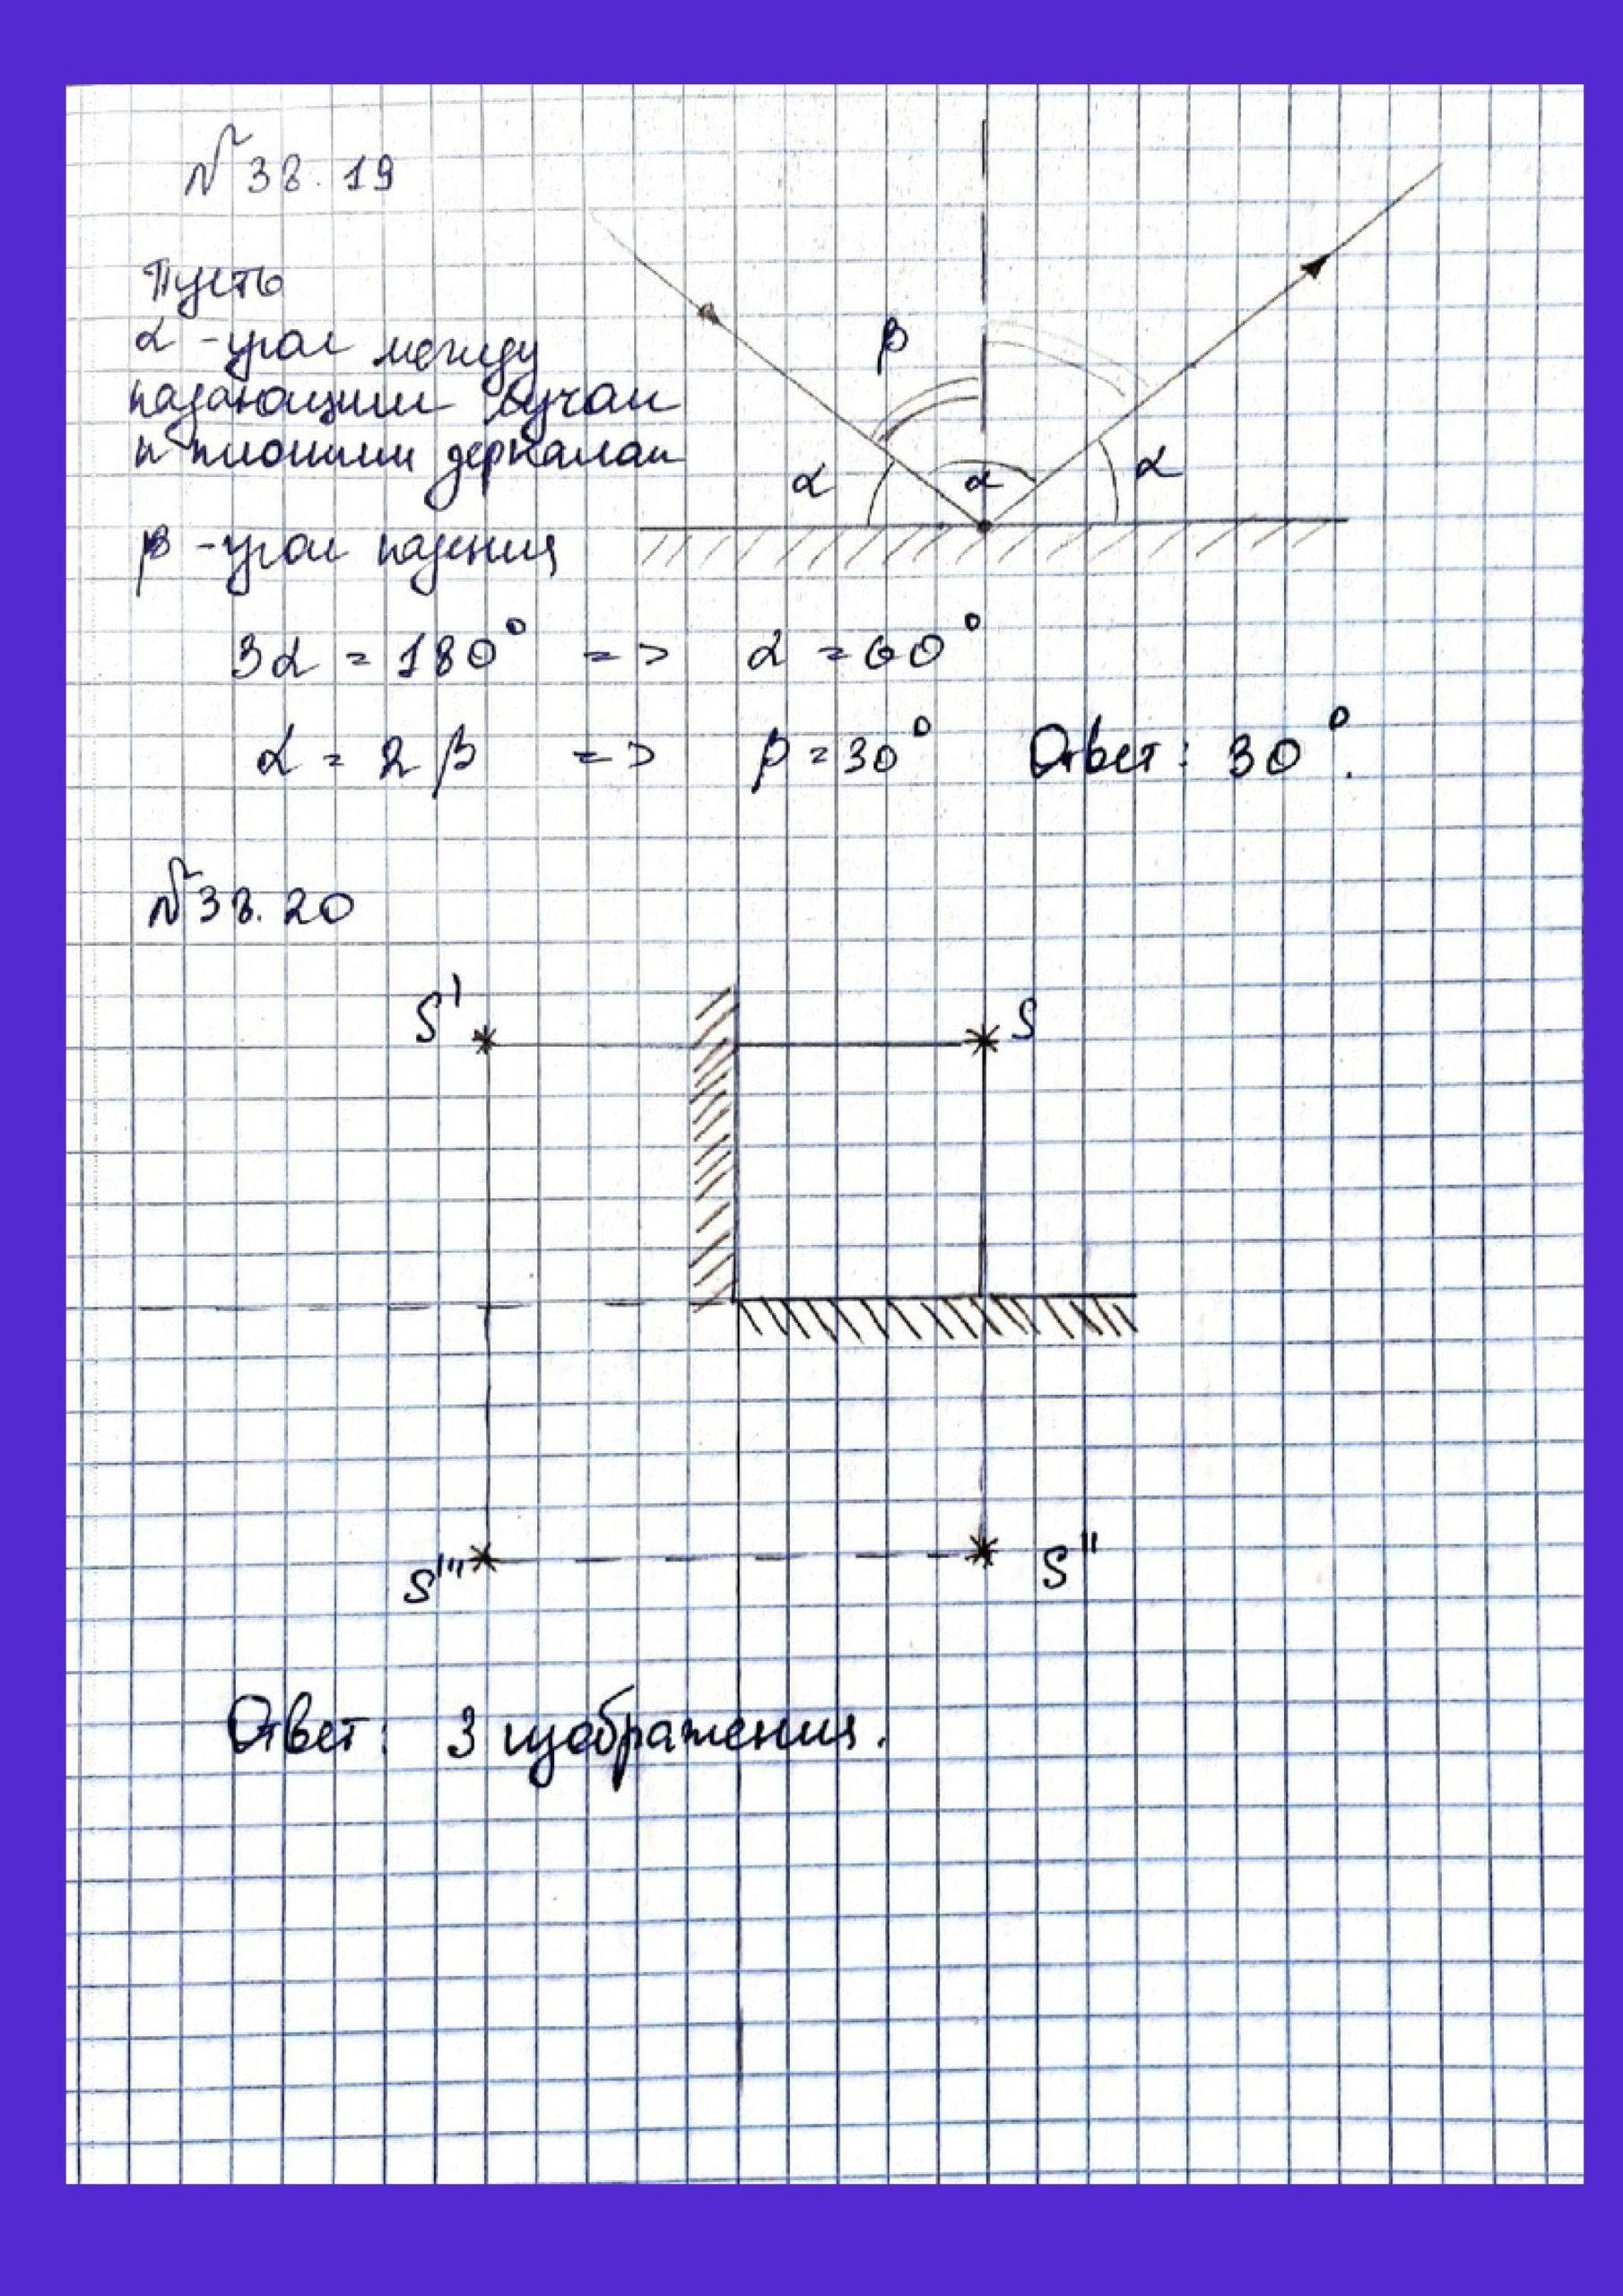 Решение задач. Средний уровень. Задача № 38.19, № 38.20